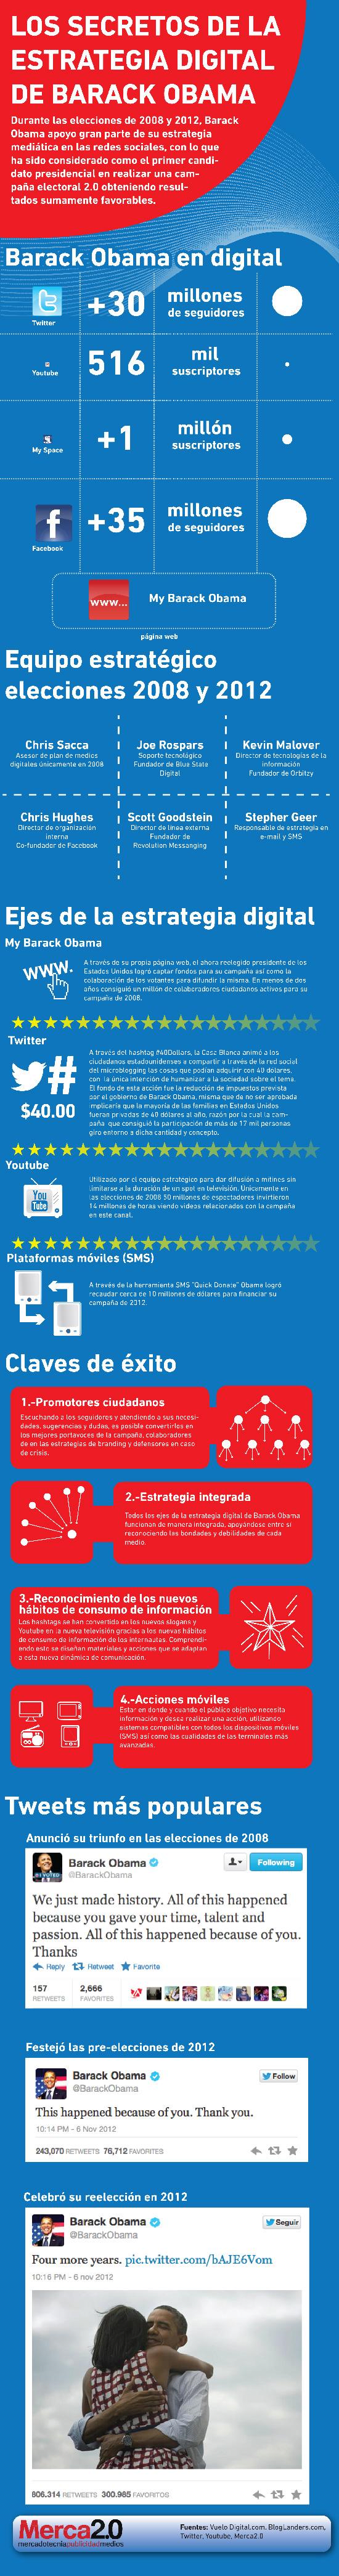 Infografía publicada en Merca2.0 en mayo de 2013.